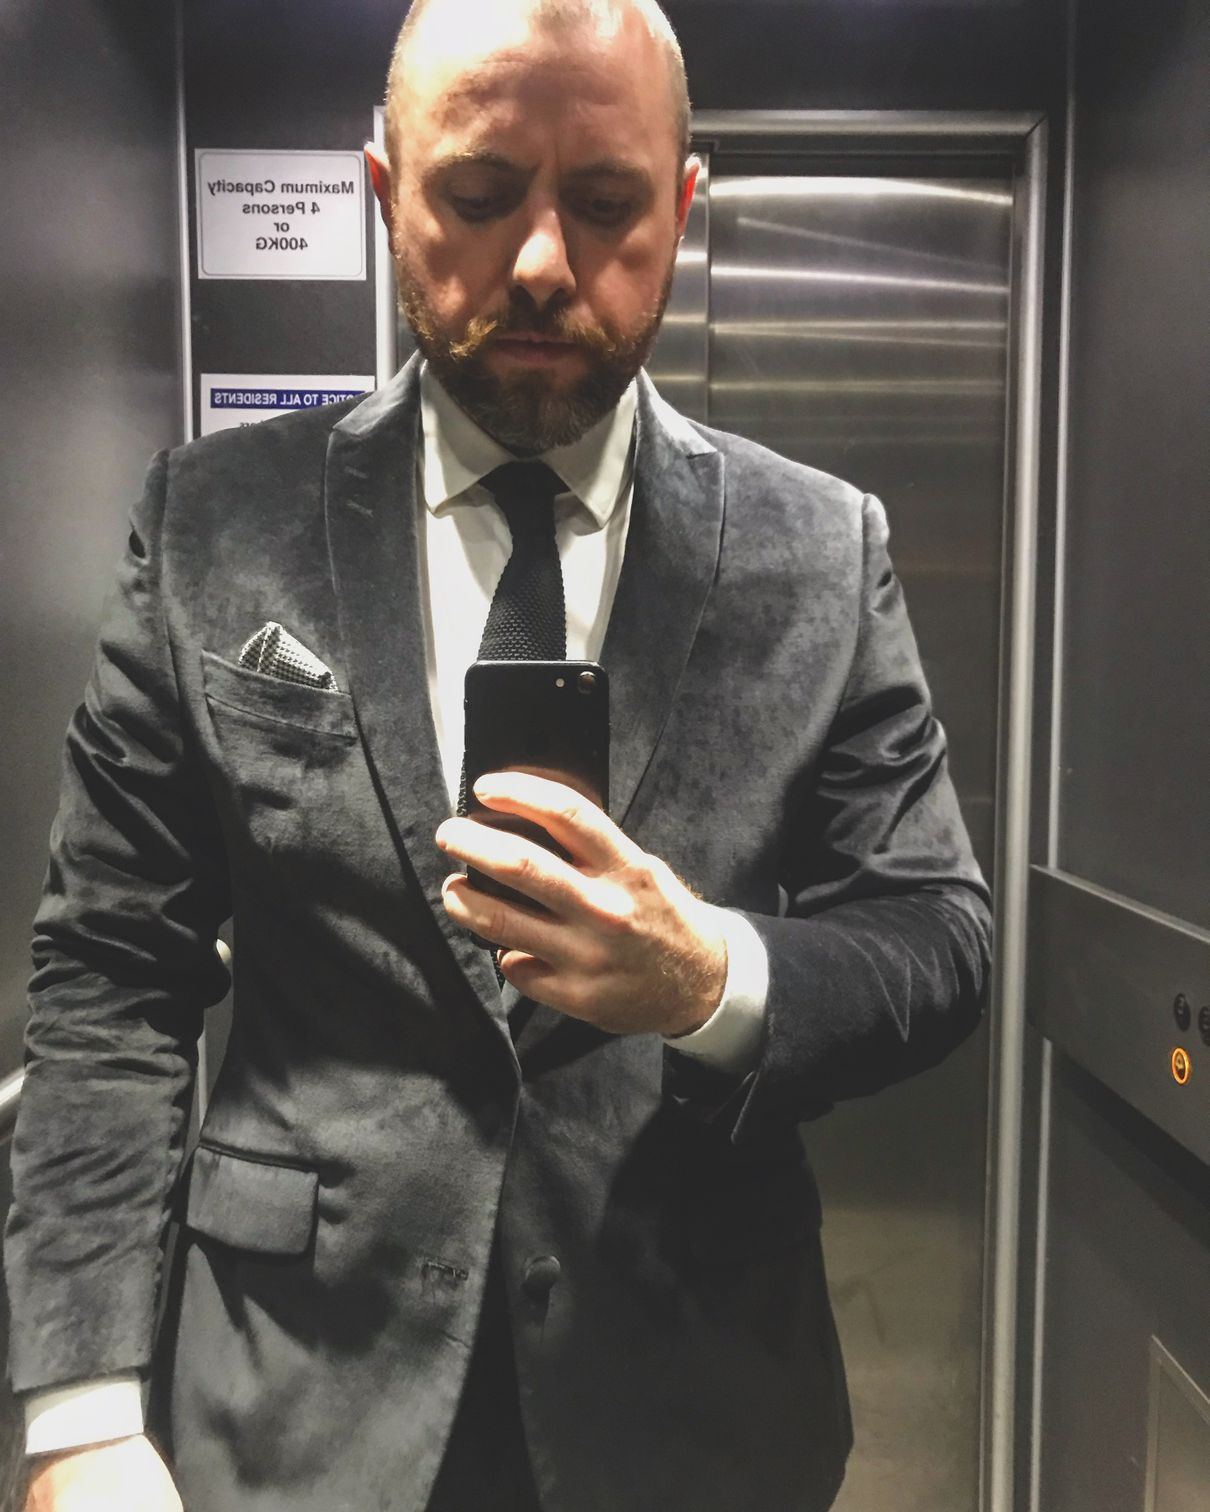 Bafta Cymru 2018 black tie outfit